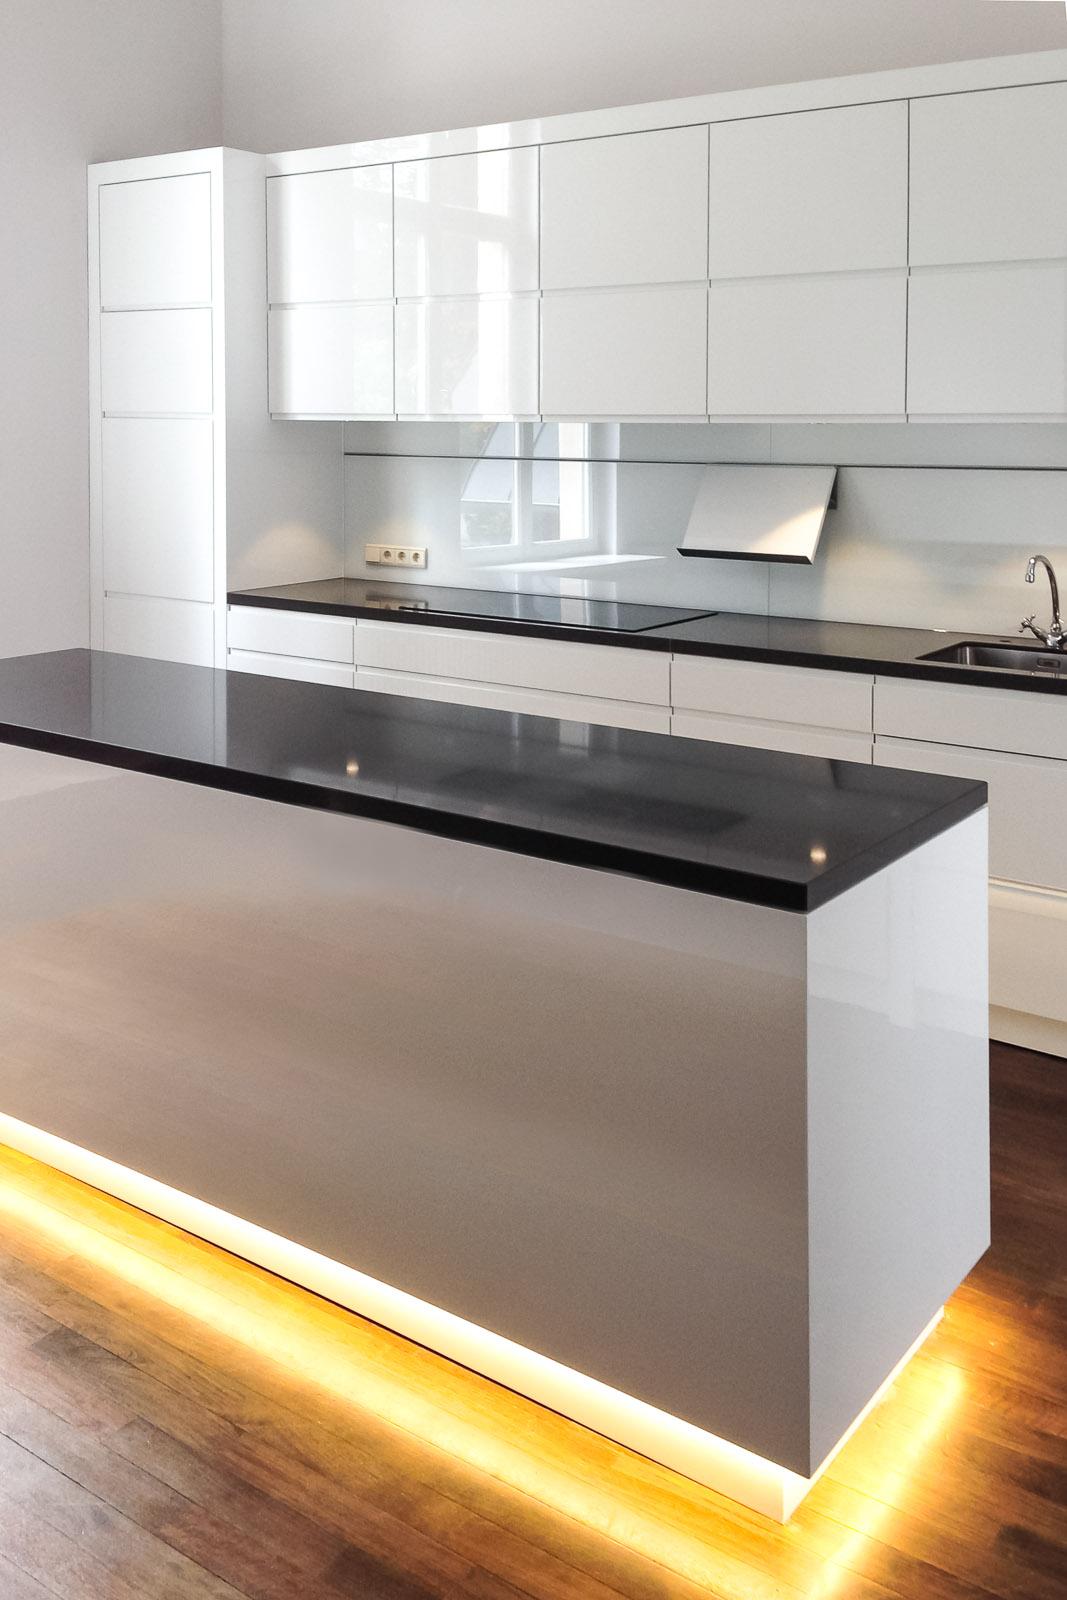 Großzügig Cooper Beleuchtung Küche Ideen - Ideen Für Die Küche ...